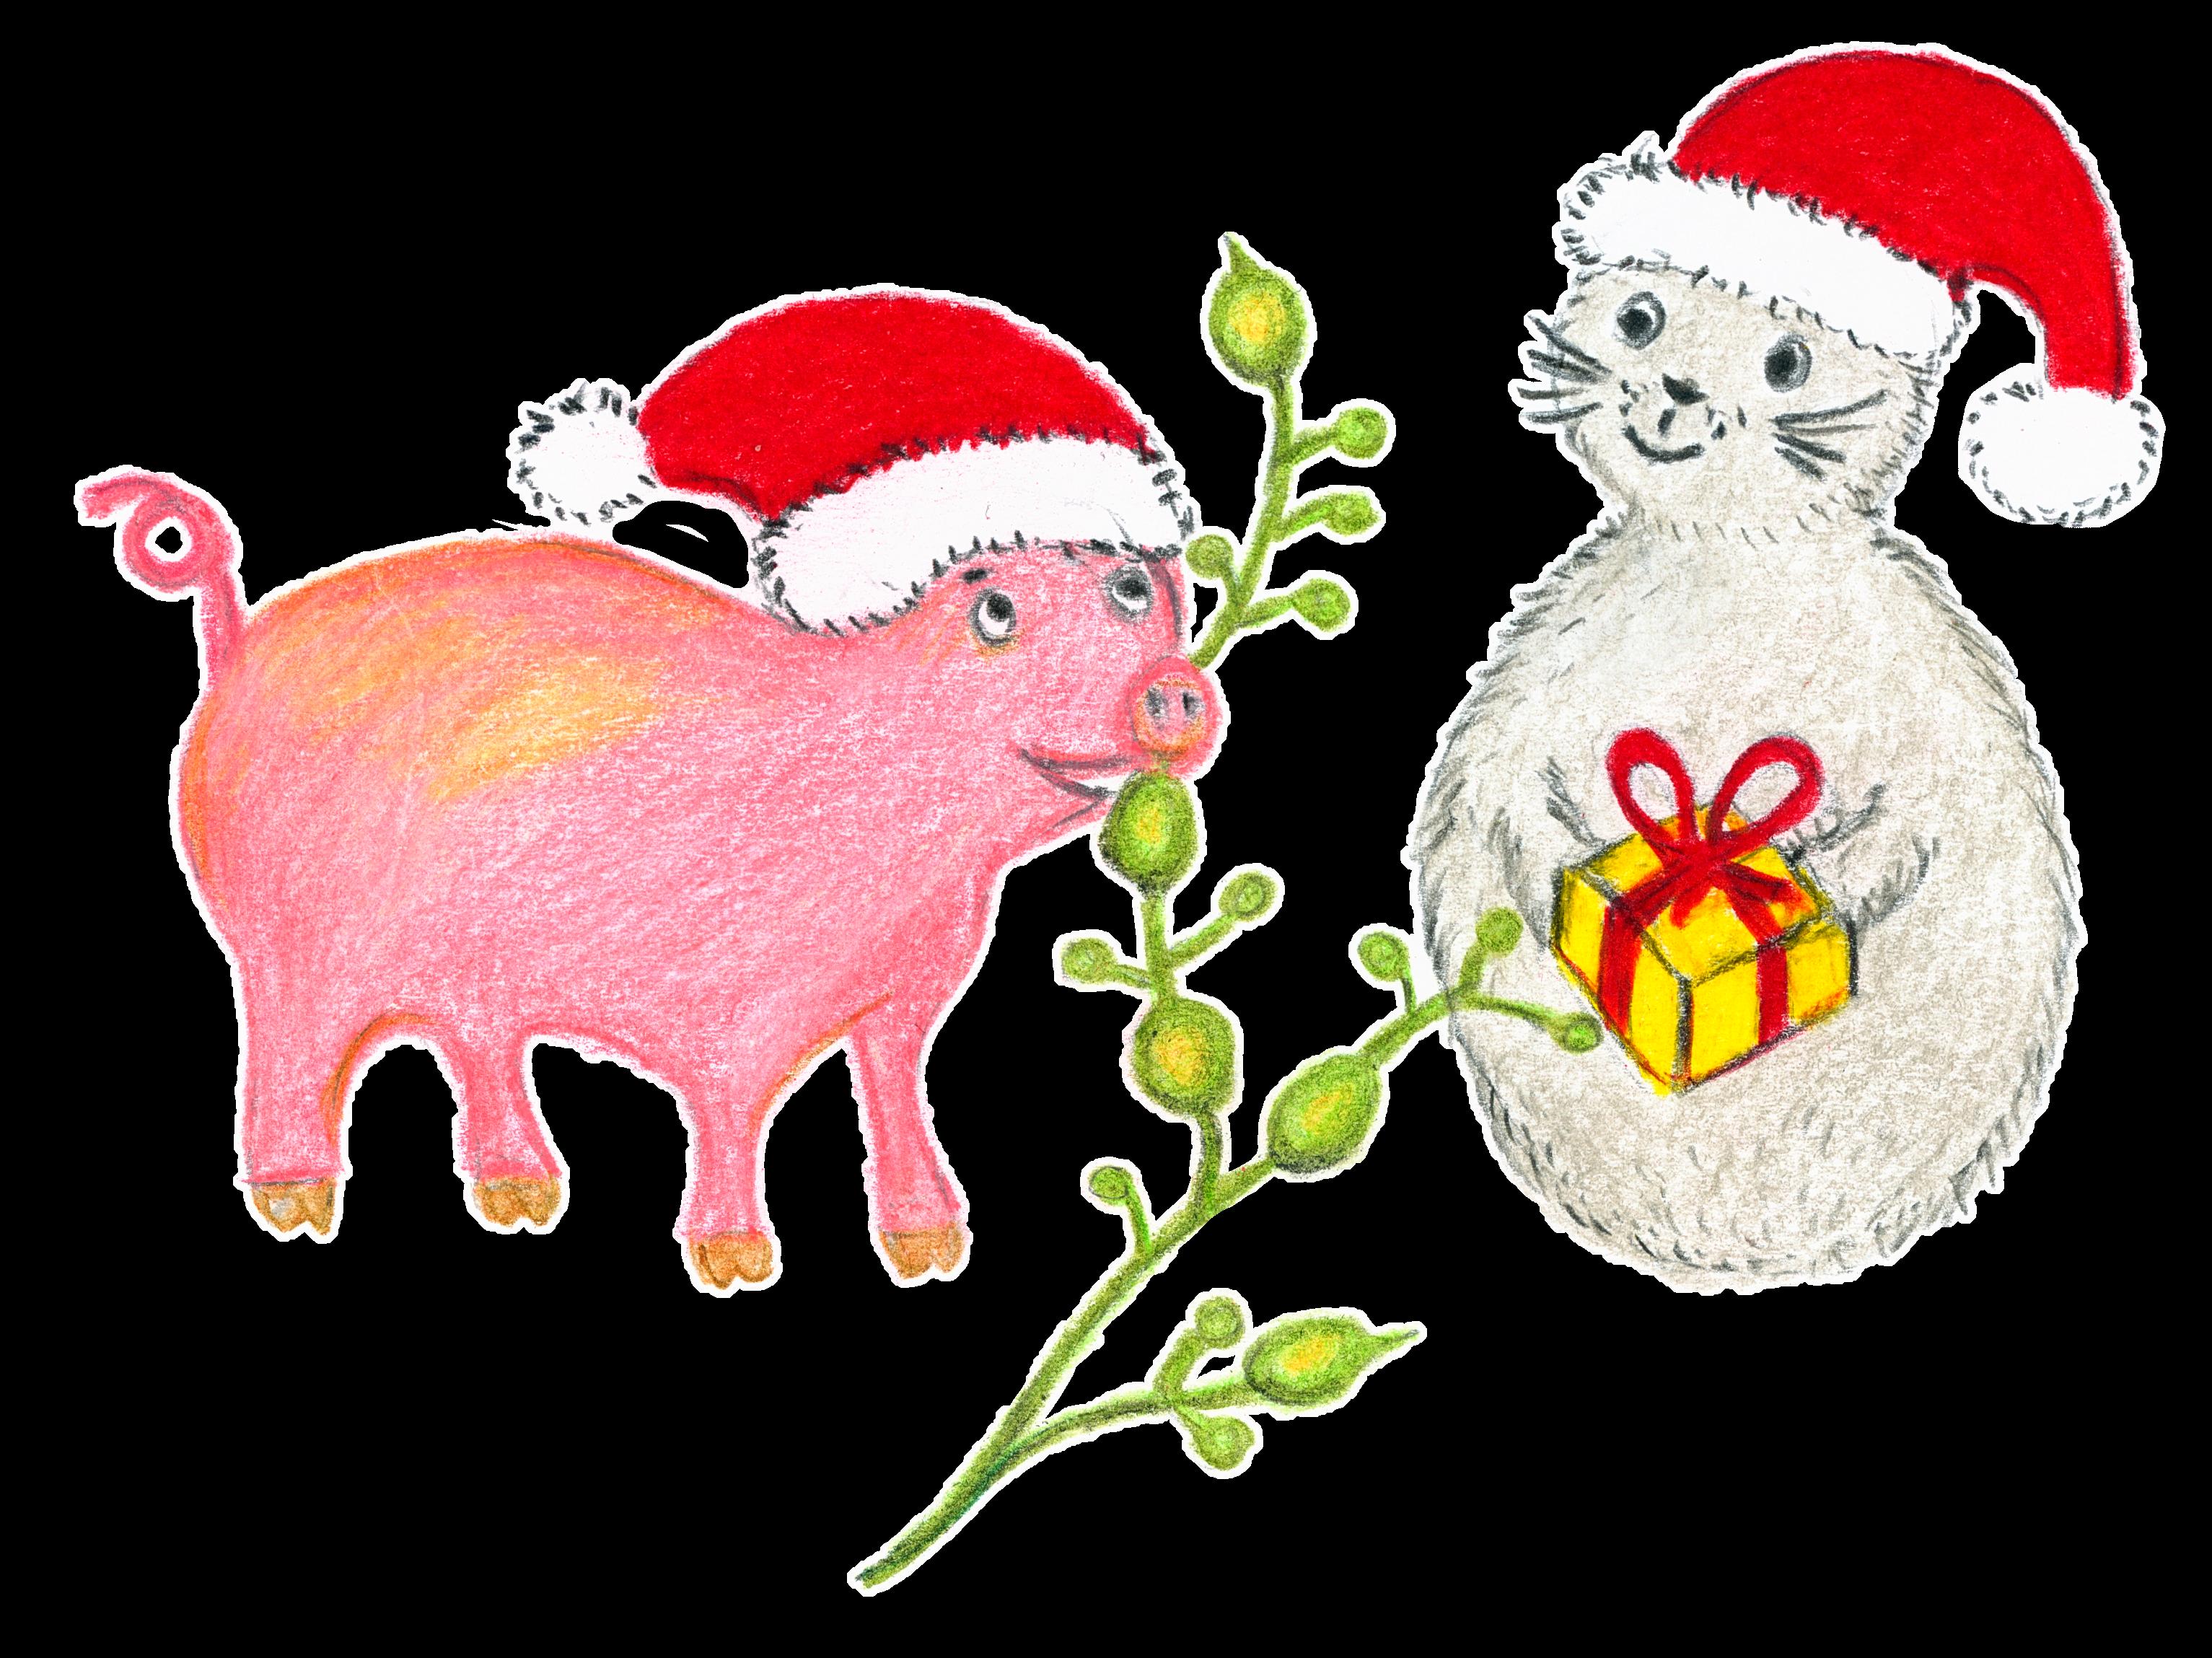 Noriko och grisen äter knöltång (Ascophyllum nodosum), även kallad gristång